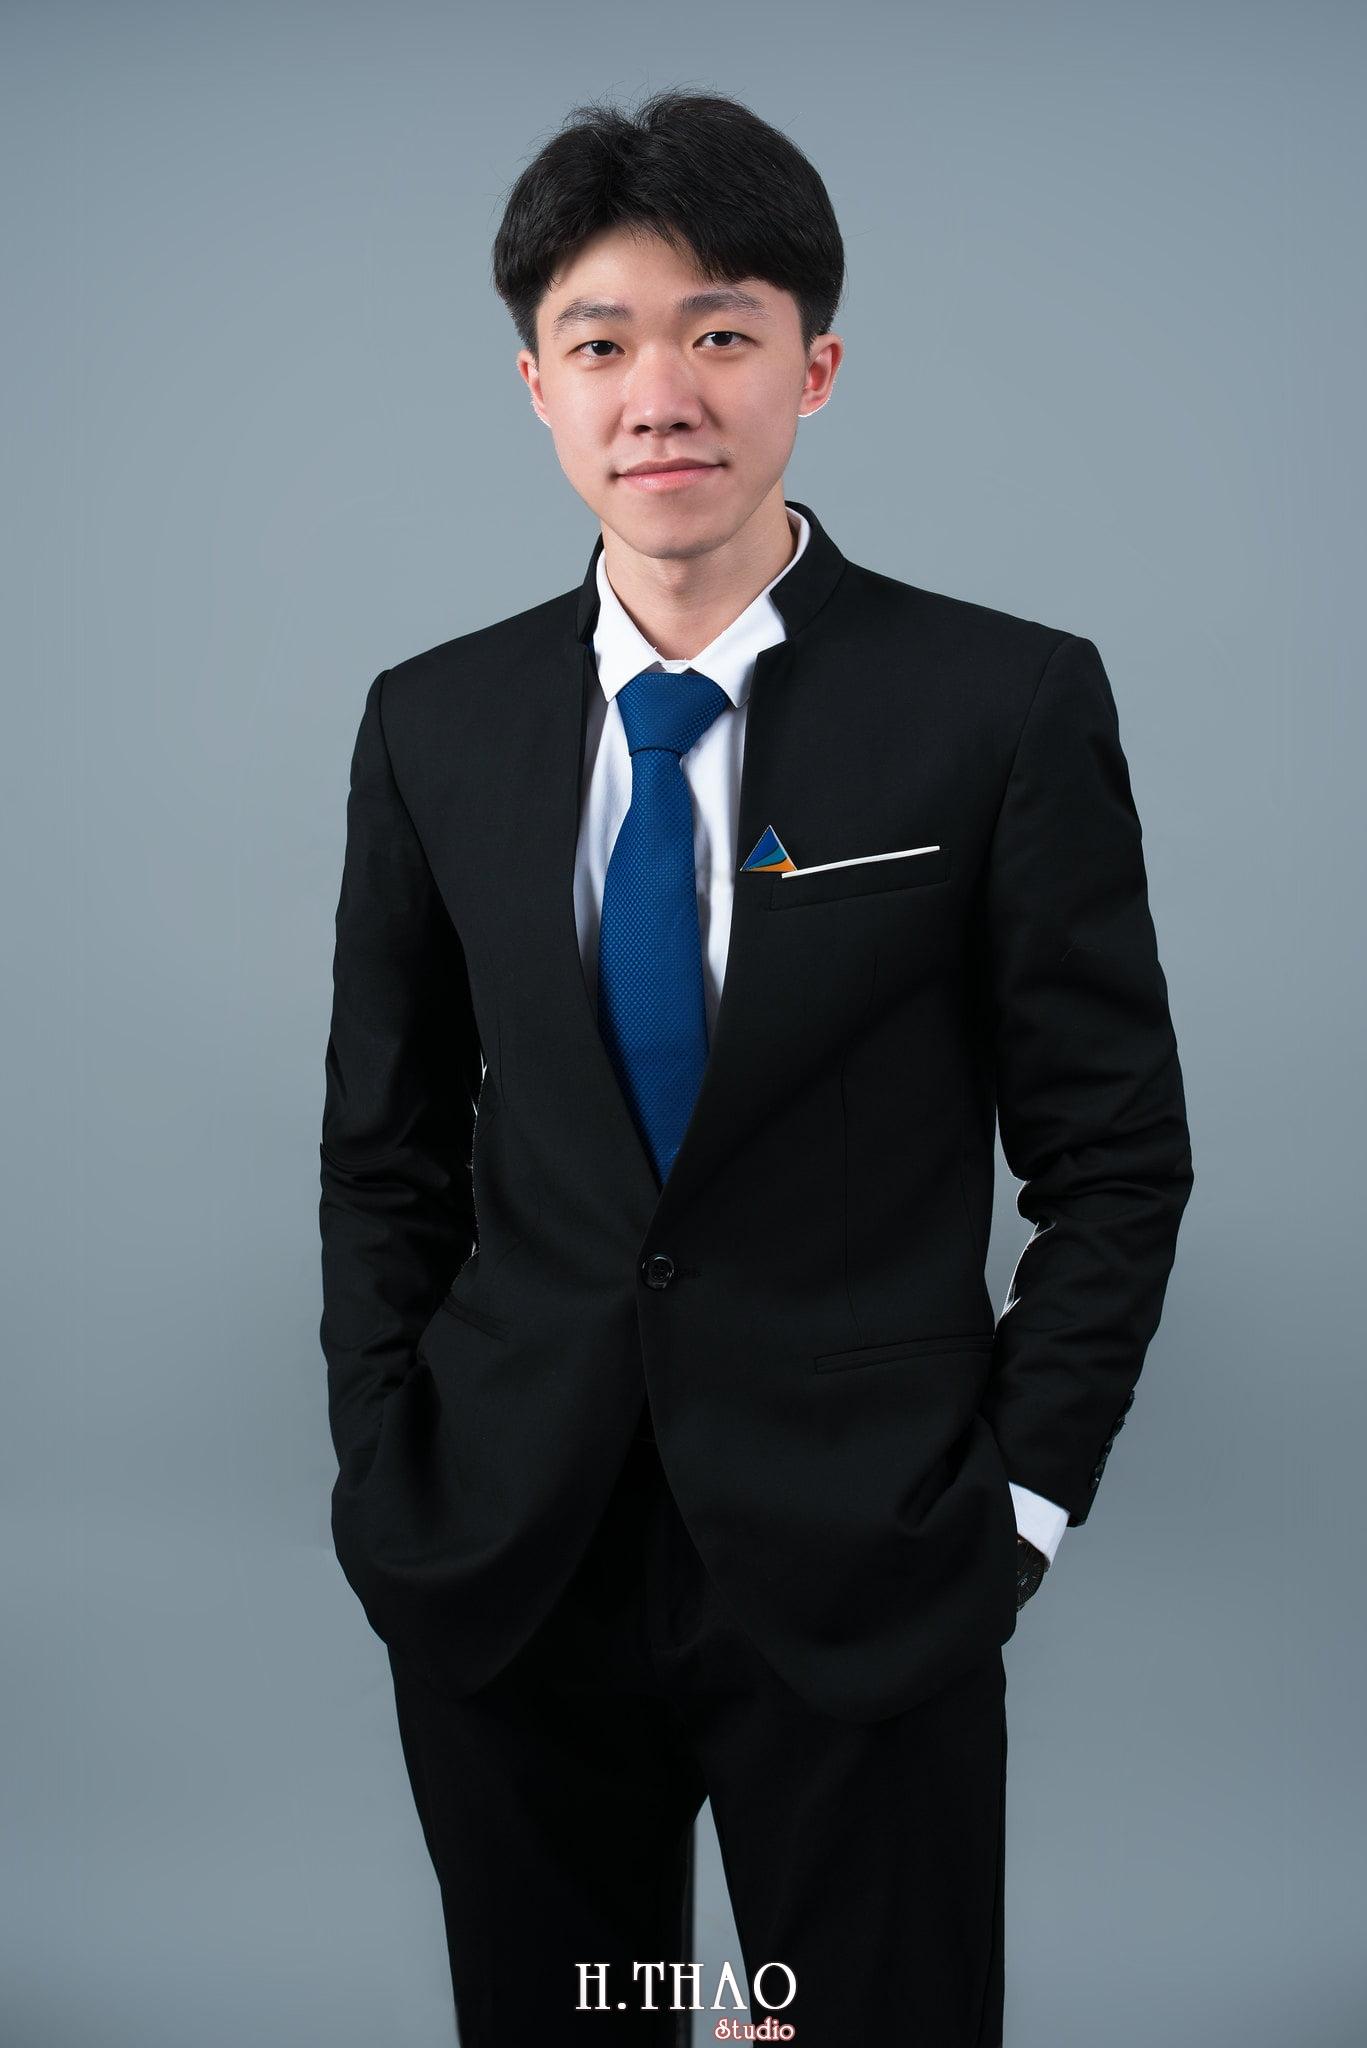 Thanh dat xanh 3 - Chụp ảnh profile nhân viên bất động sản Đất Xanh - HThao Studio